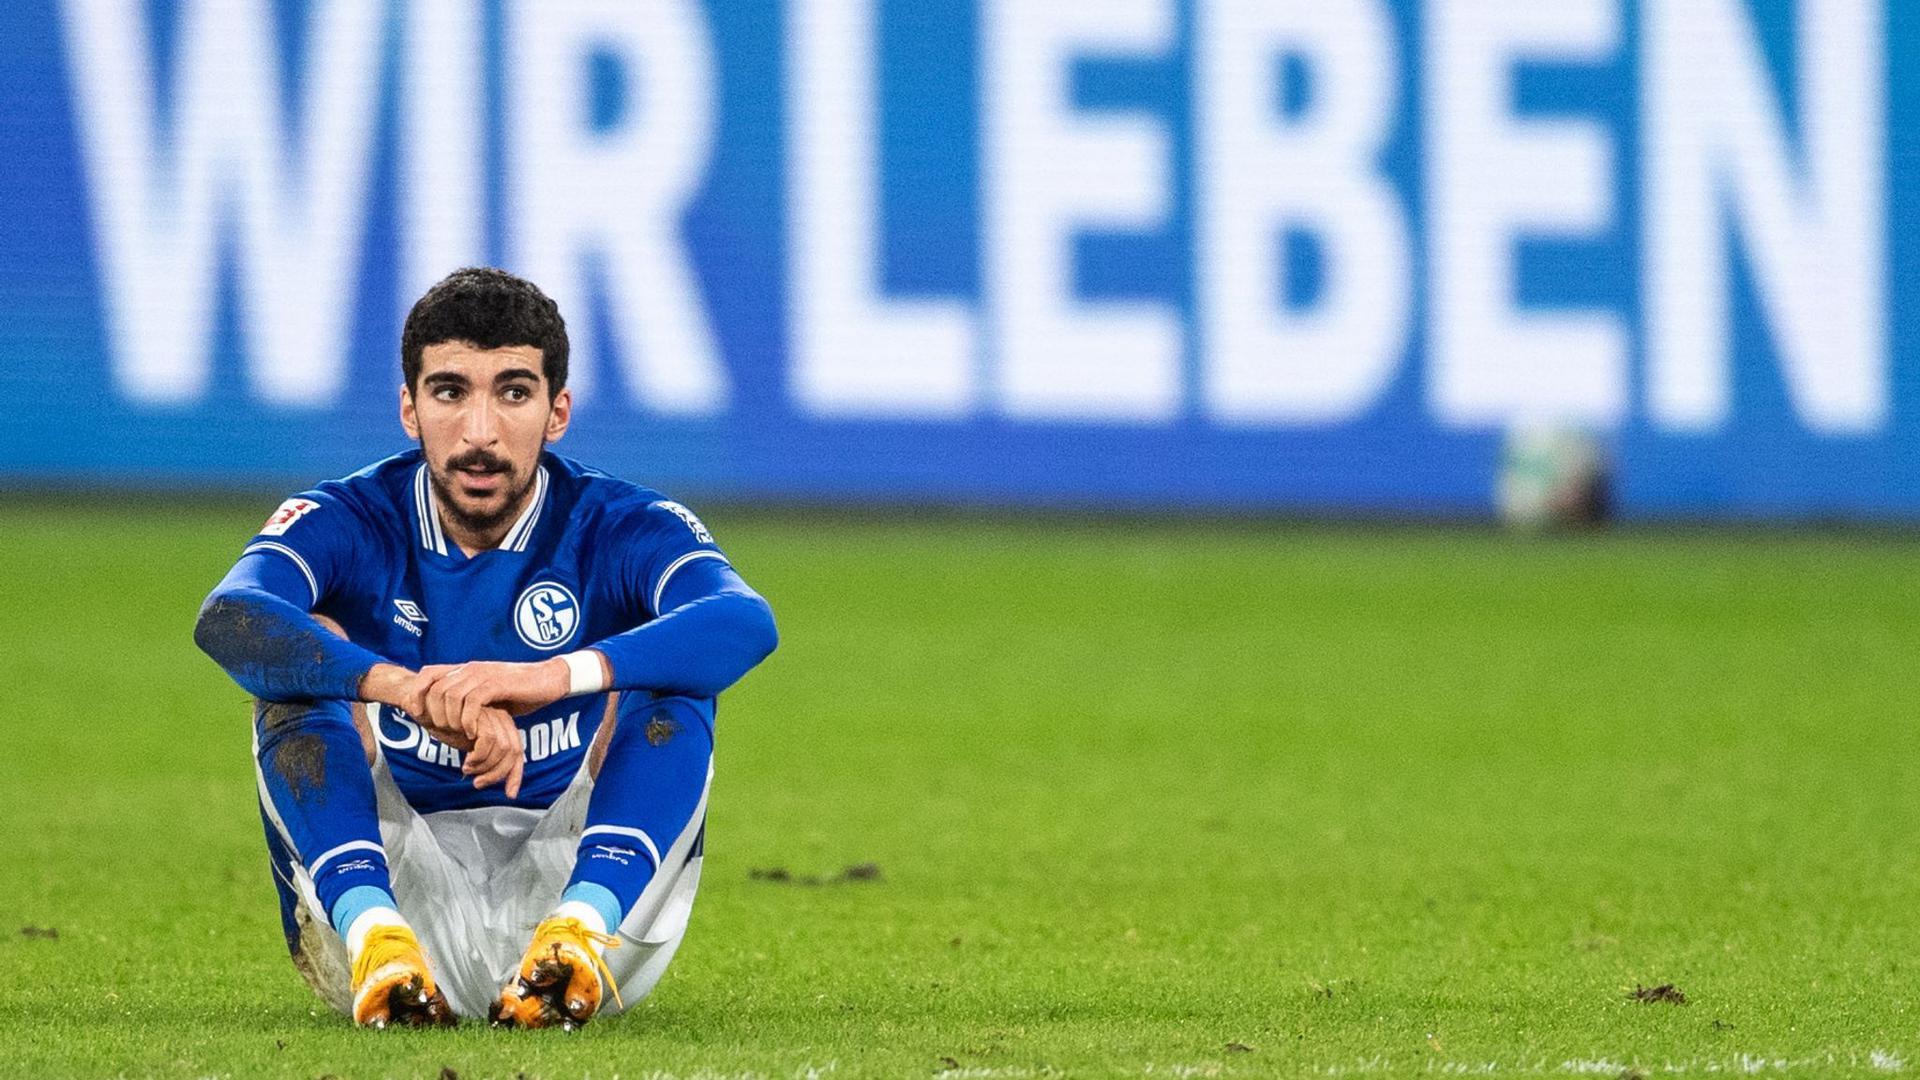 Enttäuscht sitzt Schalkes Nassim Boujellab nach der Partie auf dem Platz. S04 beendet die Hinrunde auf dem letzten Platz.